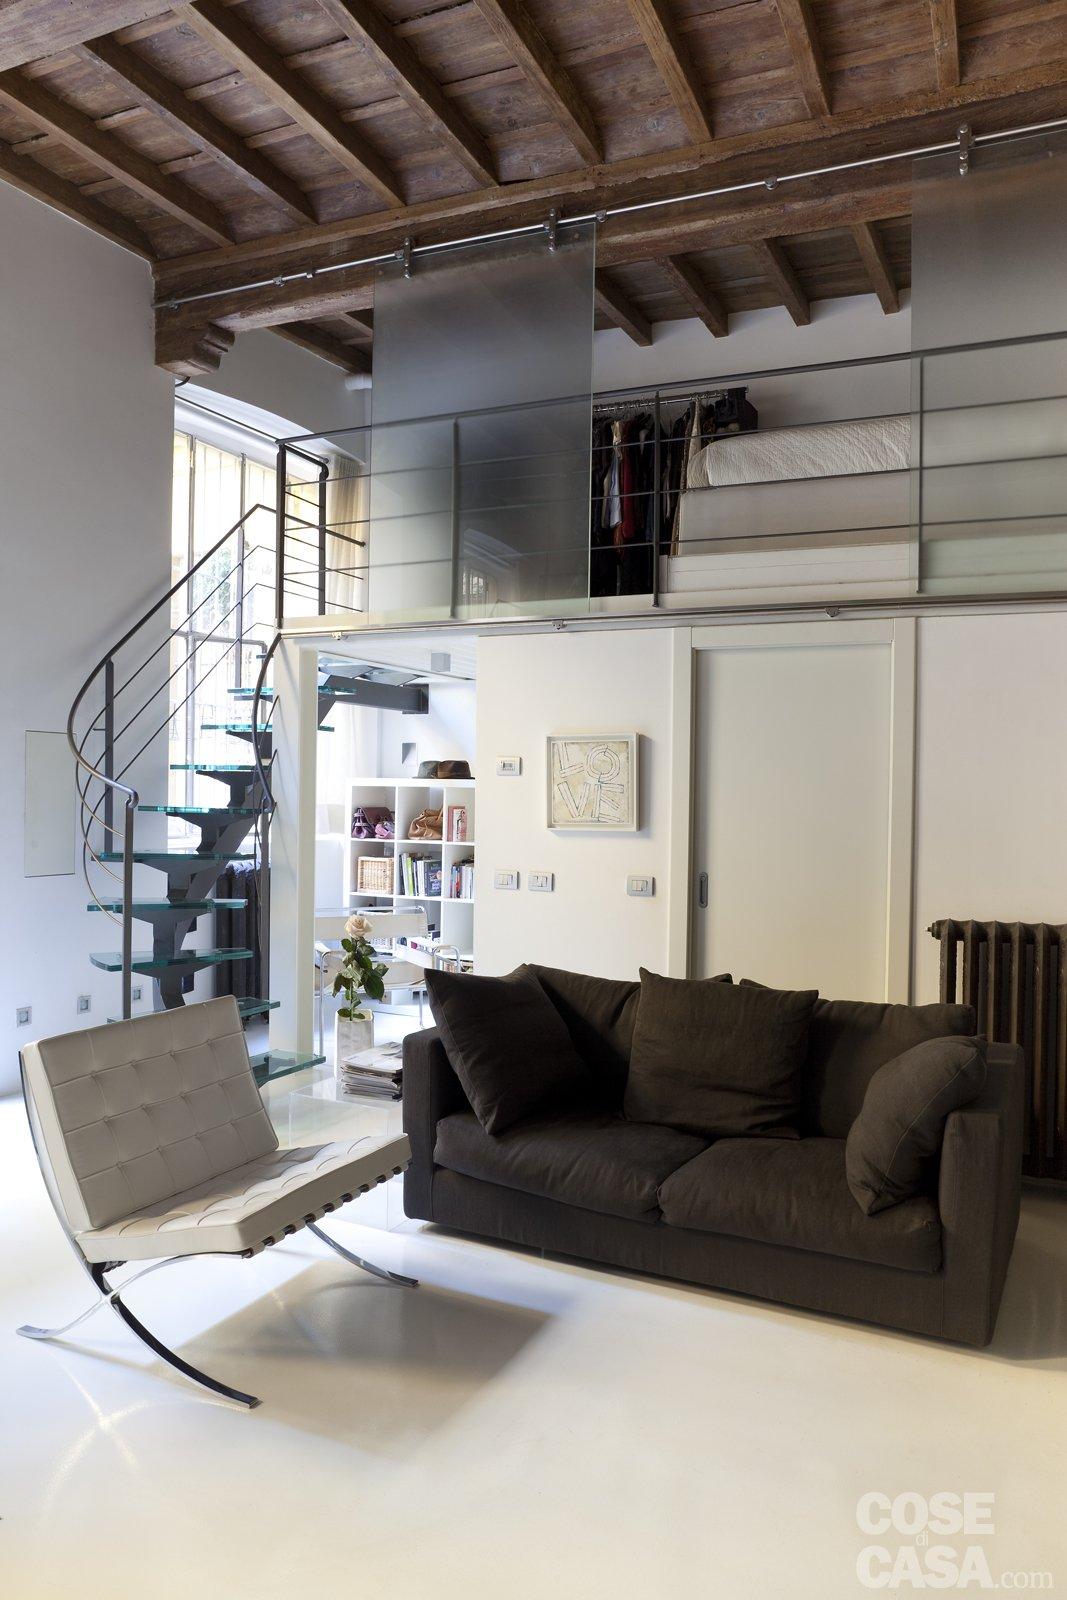 Mini loft la casa recupera spazio con nuovi soppalchi for Casa moderna con tetto in legno